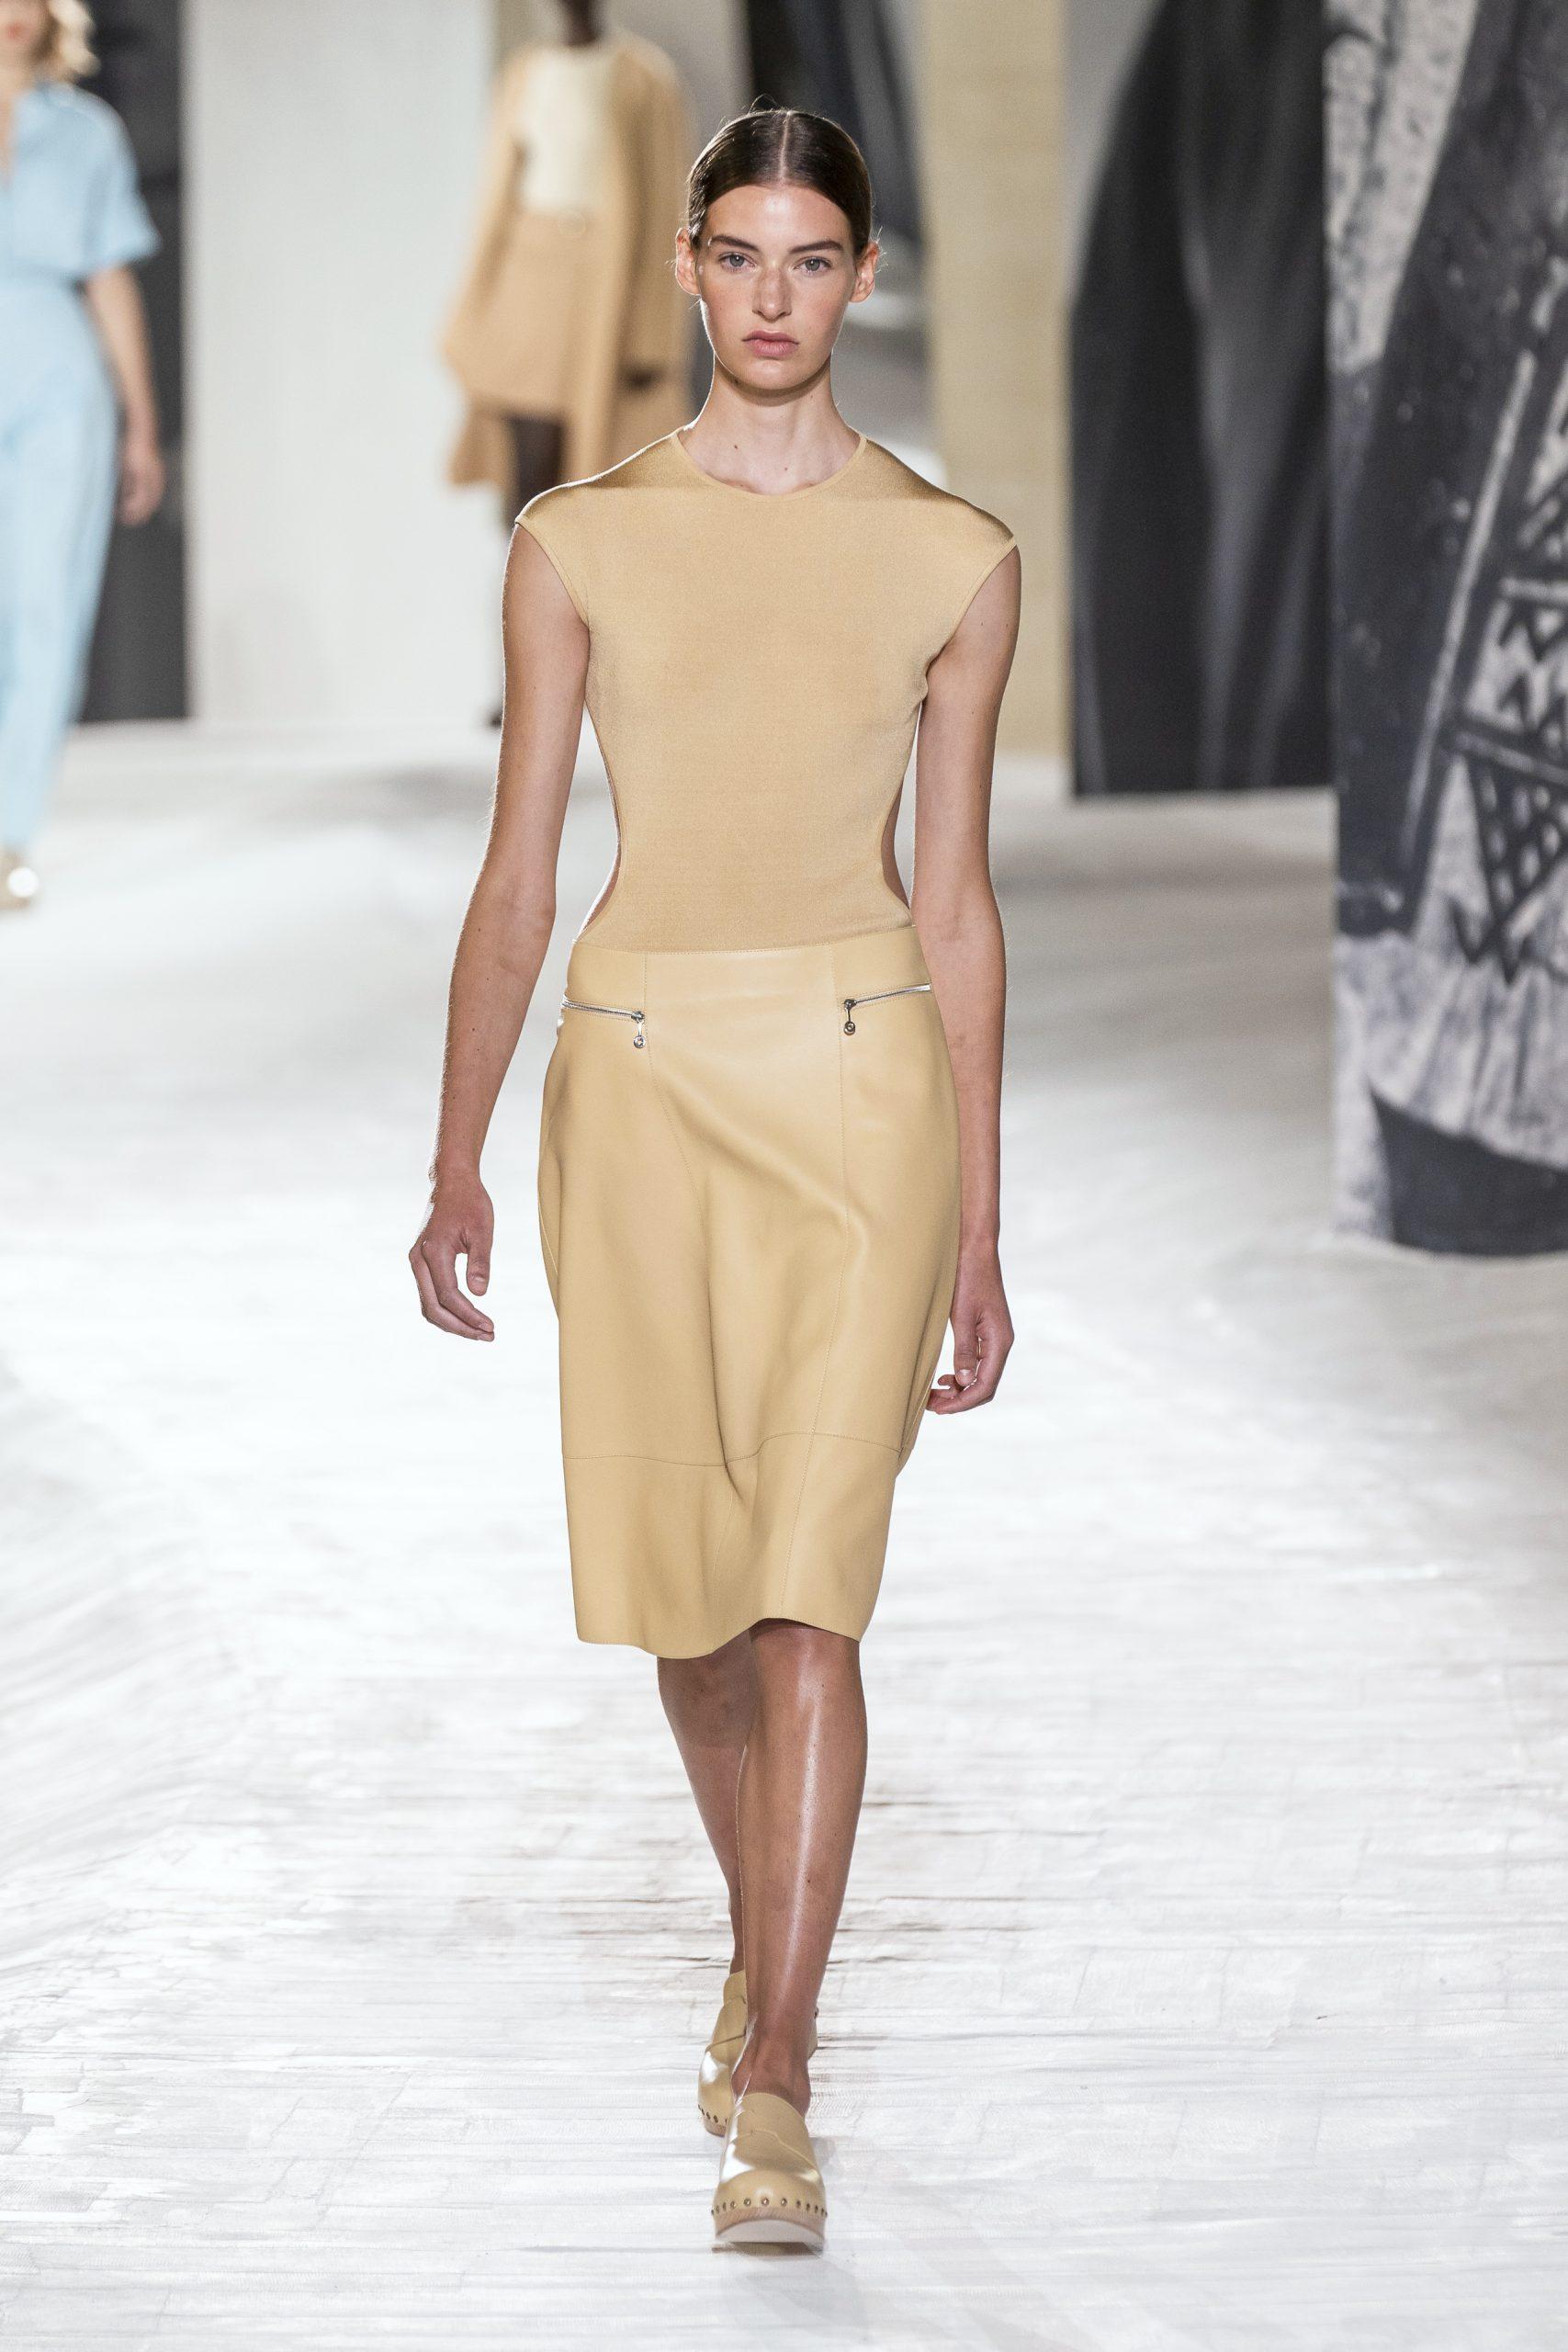 2. kép: Párizsi divathét - Hermès - 2021 tavasz-nyár - ready to wear